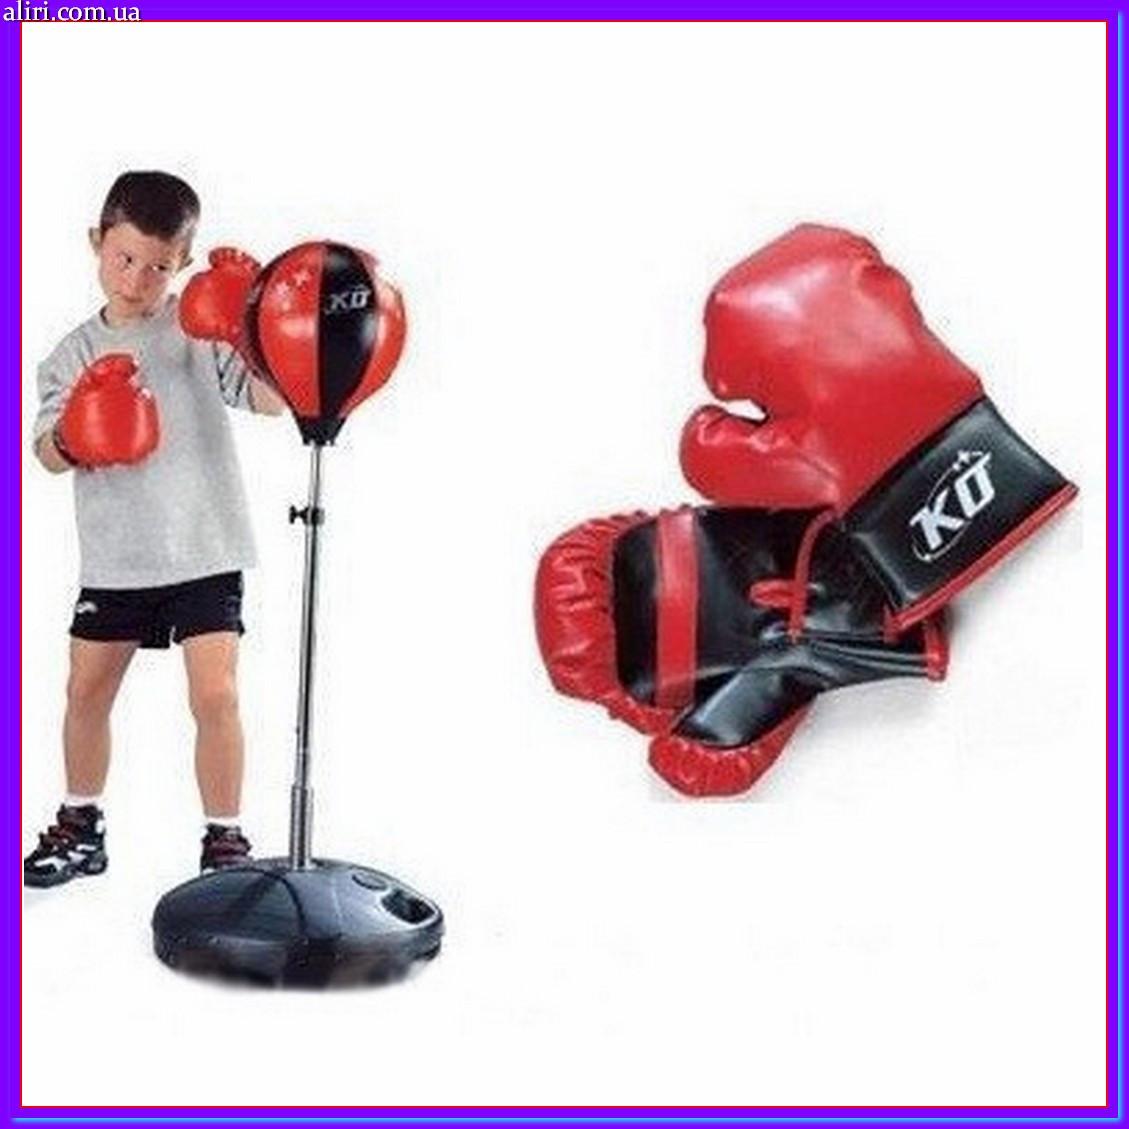 Детский боксерский набор Profi